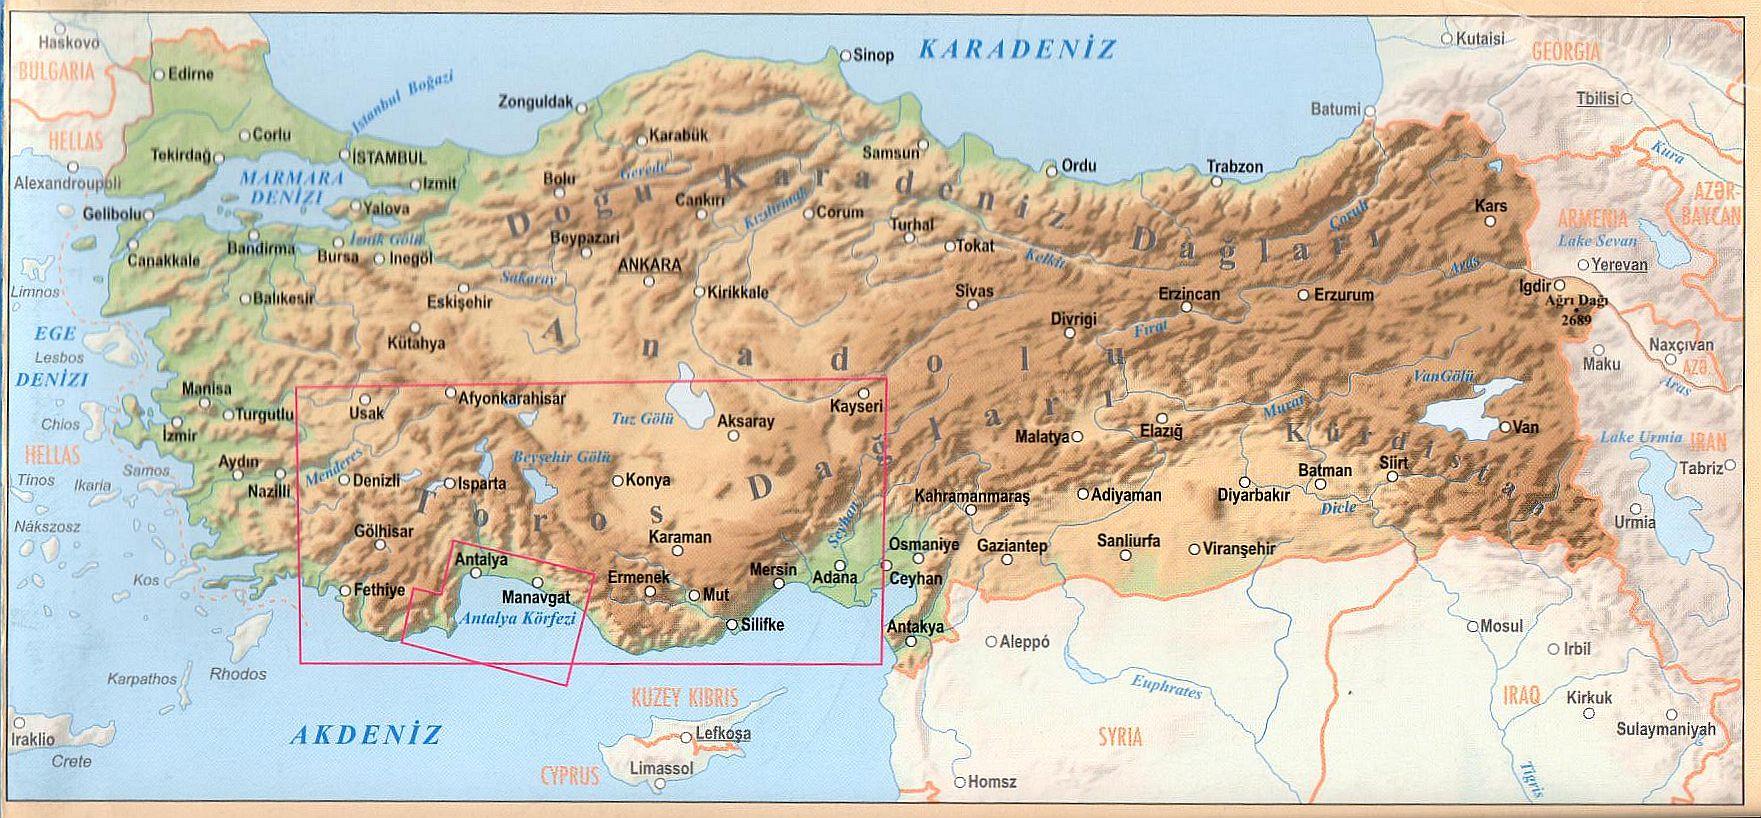 A Török riviéra térkép által lefedett terület